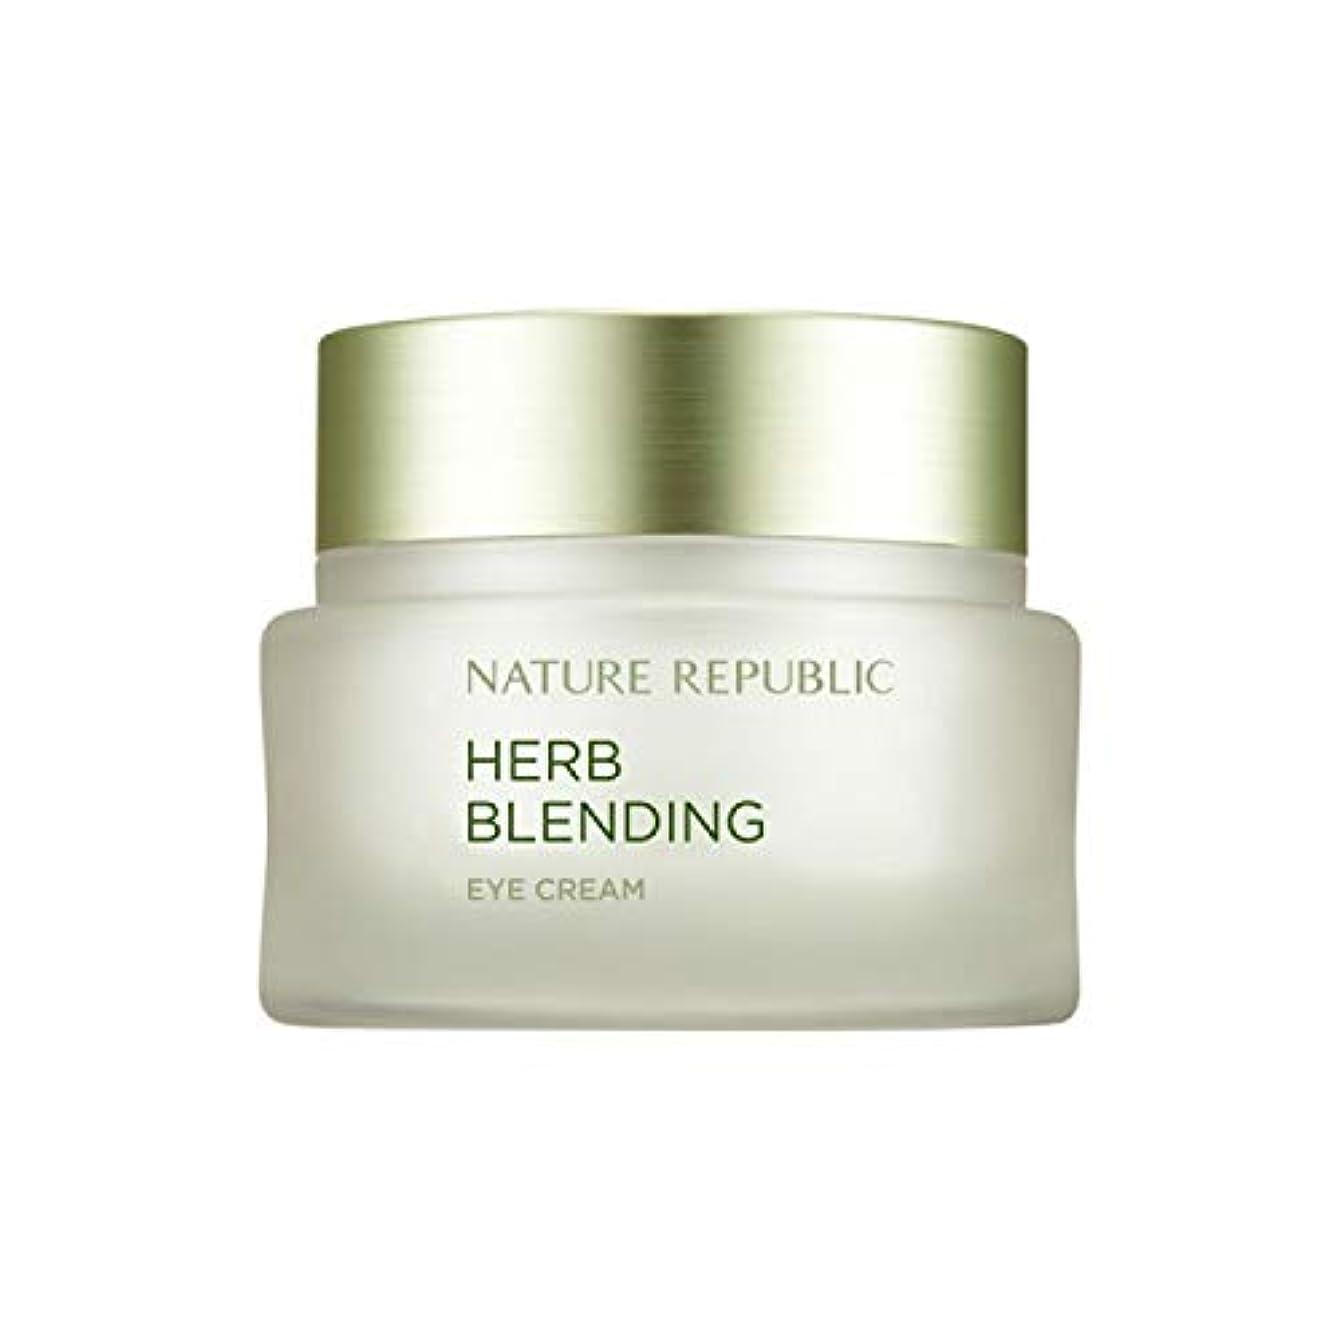 浸漬吹きさらし空虚ネイチャーリパブリック(Nature Republic)ハブブレンドアイクリーム 25ml / Herb Blending Eye Cream 25ml :: 韓国コスメ [並行輸入品]